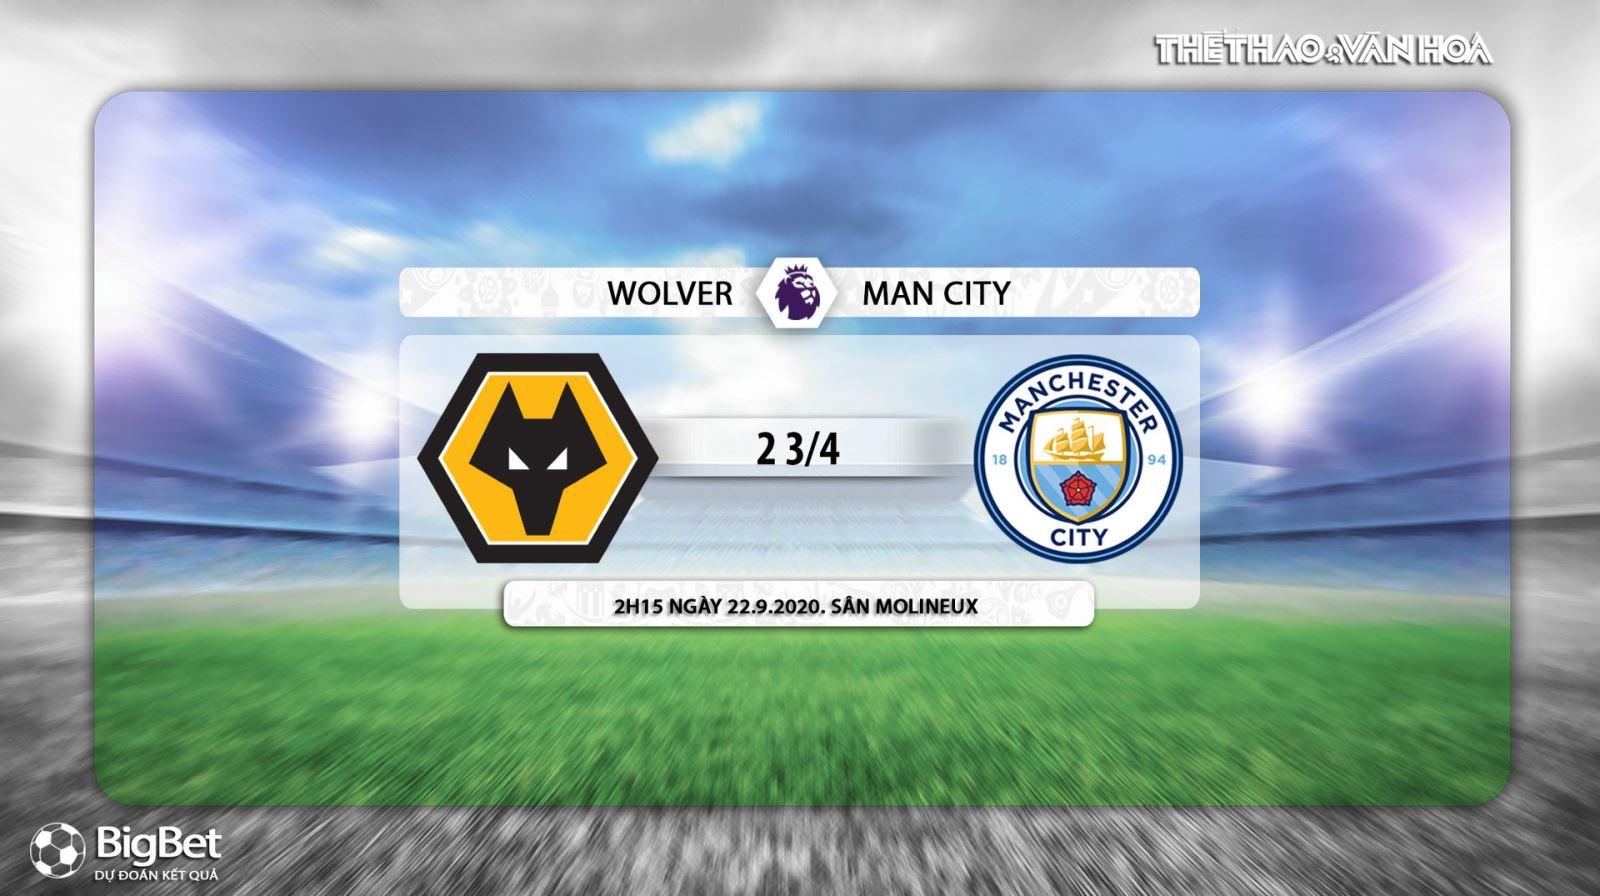 Keo nha cai, Kèo nhà cái, Wolves vs Man City, Vòng 2 Ngoại hạng Anh, Trực tiếp bóng đá, K+PM, trực tiếp Ngoại hạng Anh vòng 2, soi kèo Man City đấu với Wolves